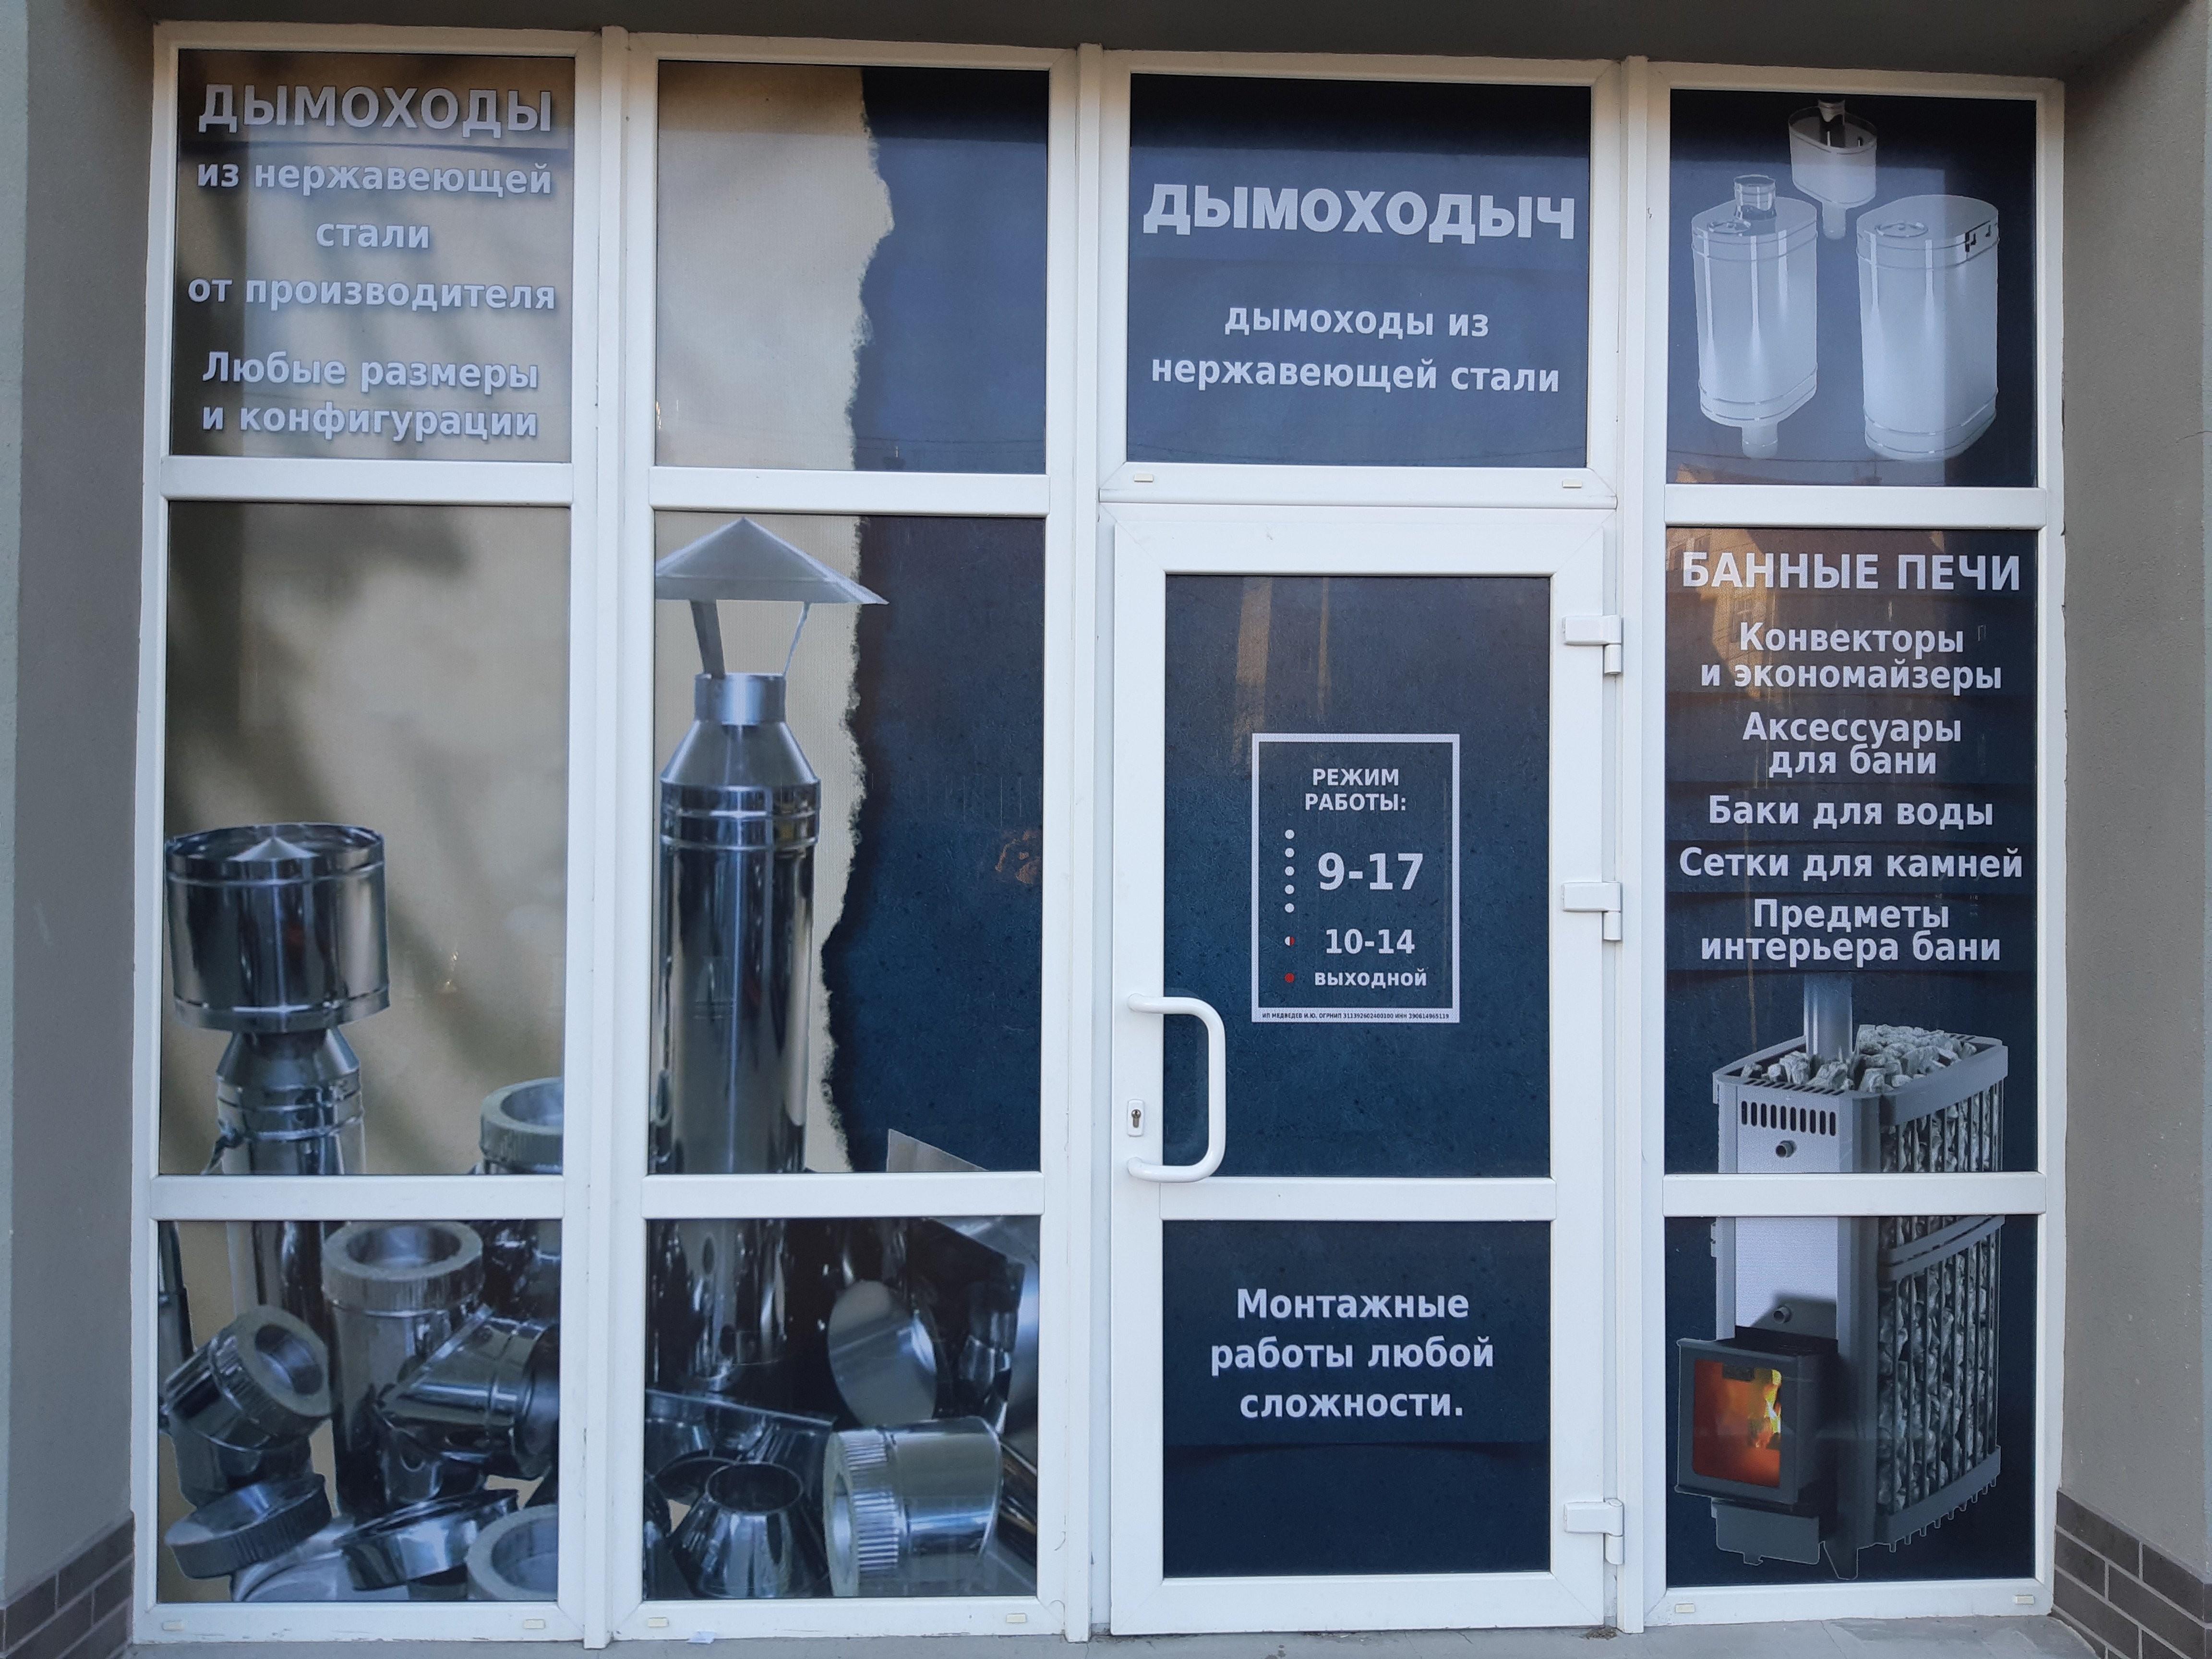 Дымоходыч, торгово-производственная компания - №1